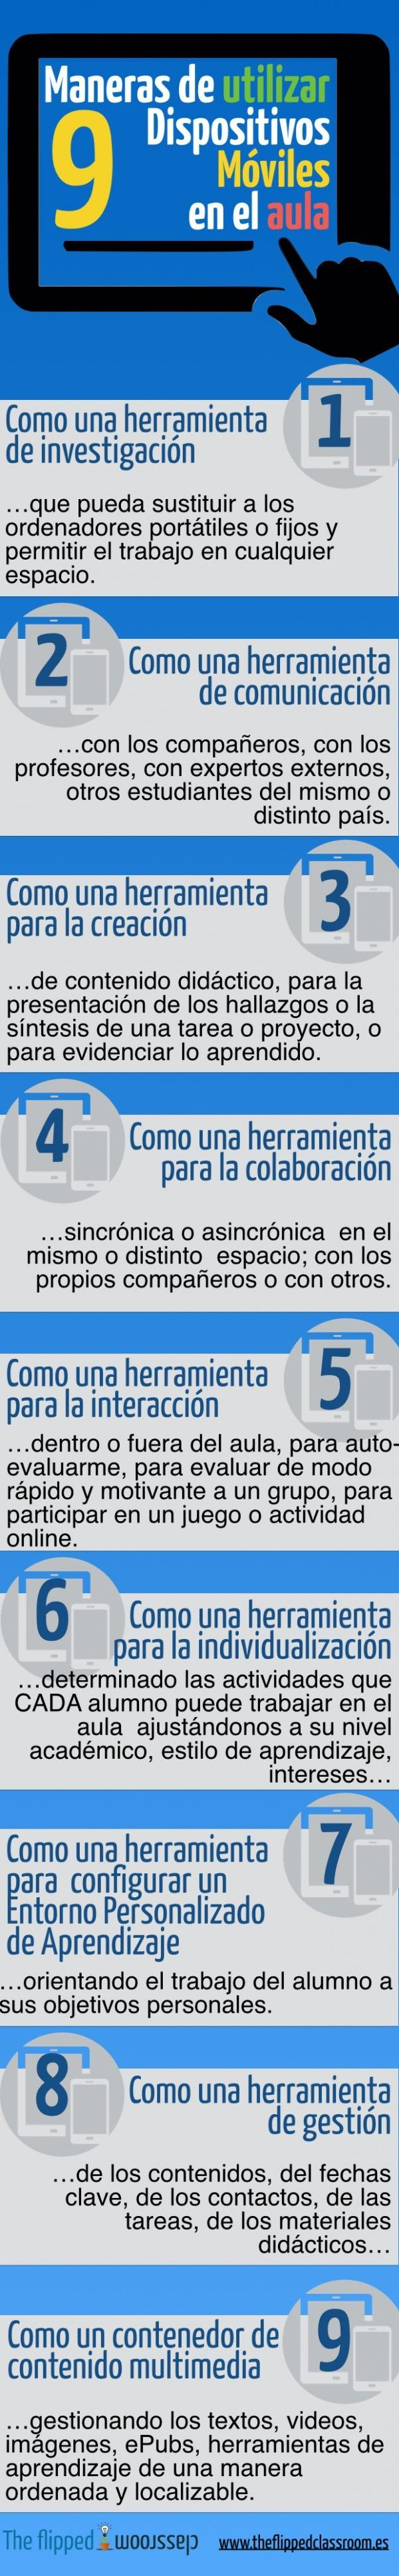 """Hola: Compartimos una interesante infografía sobre """"Dispositivos Móviles en el Aula - 9 Formas de Apoyar el Aprendizaje"""" Un gran saludo.  Visto en: theflippedclassroom.es  También le pu..."""